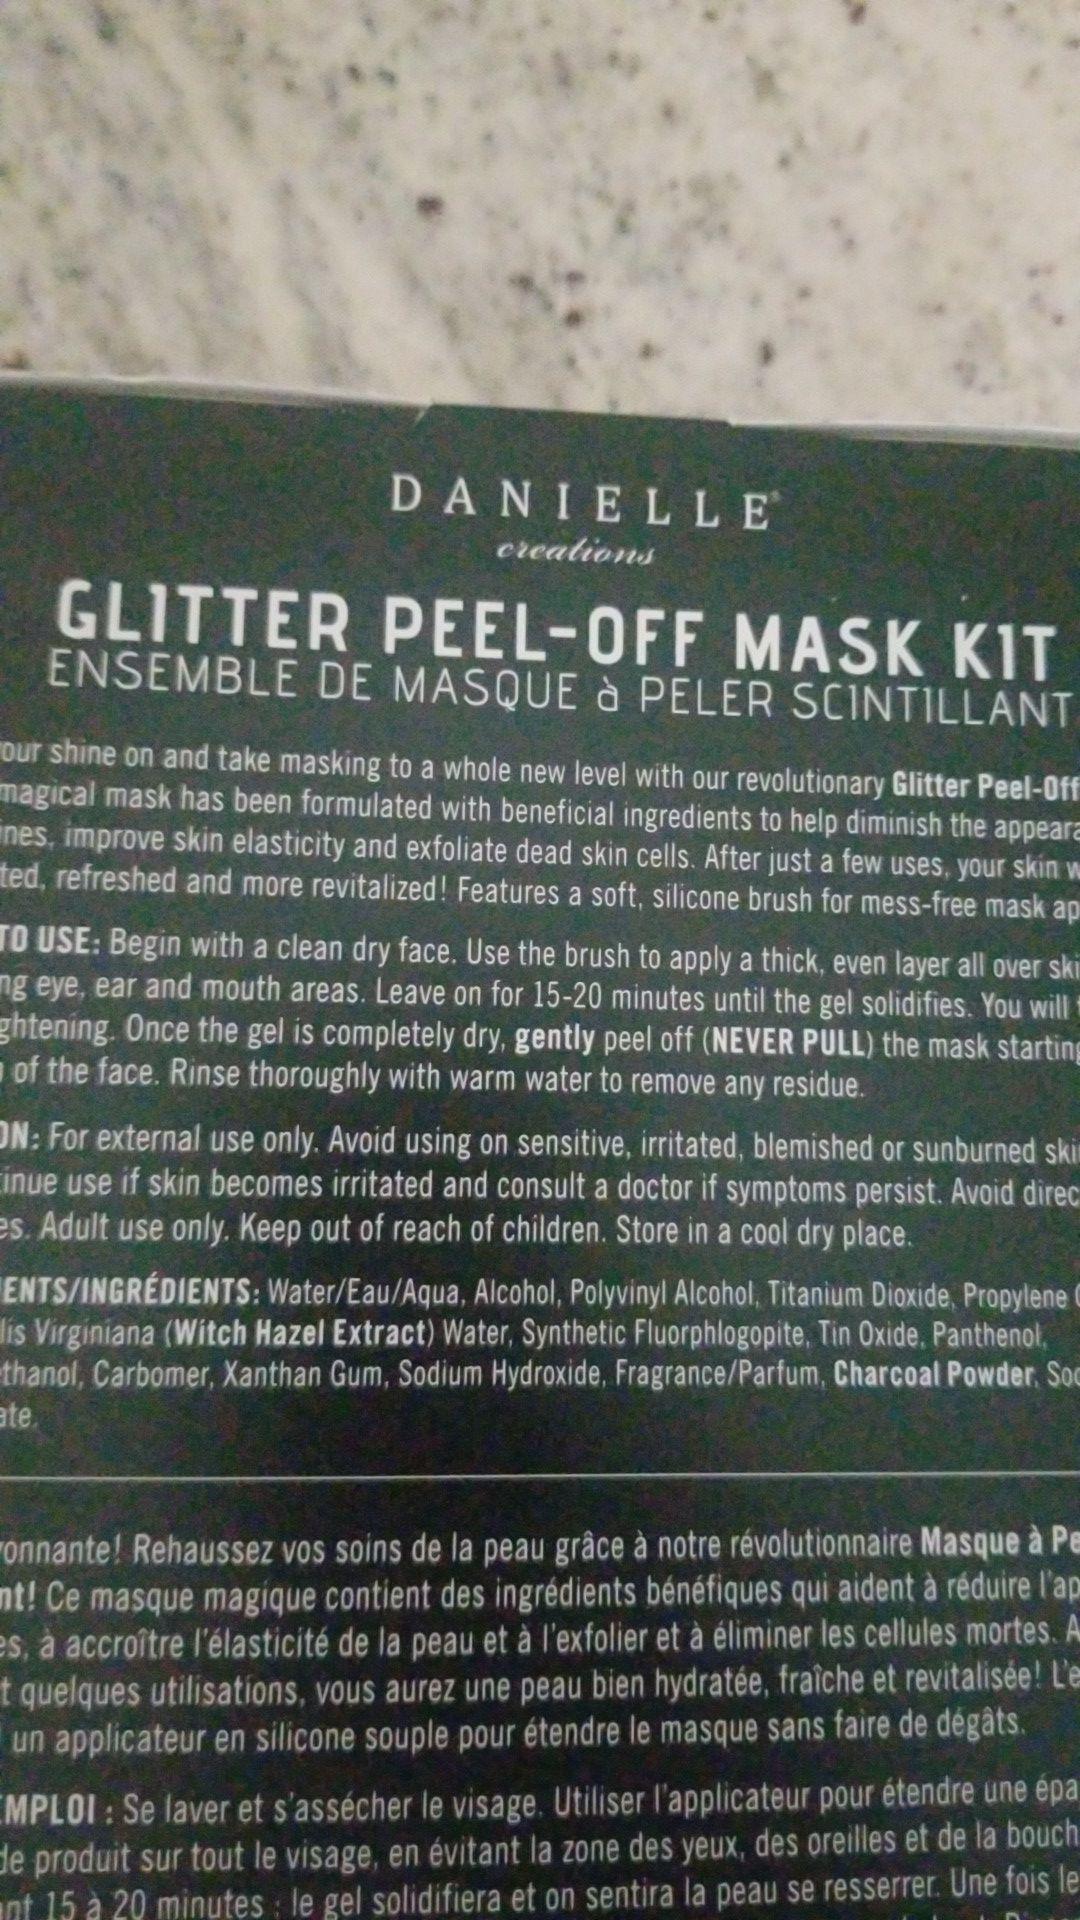 New bath fuzzies and glitter face mask set beauty lot